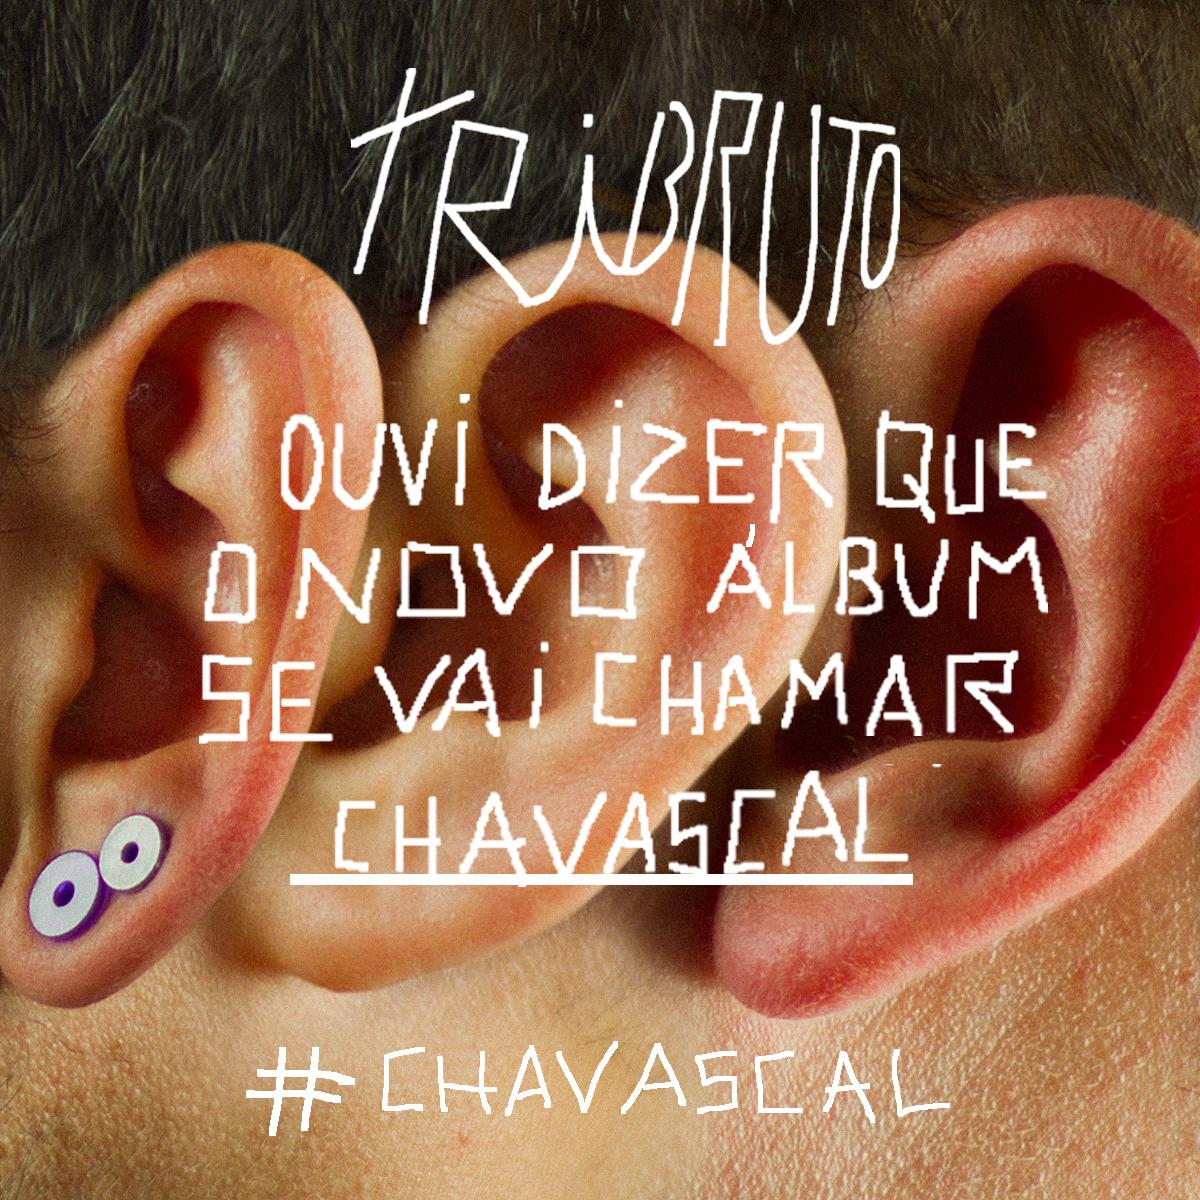 Vai haver Chavascal!